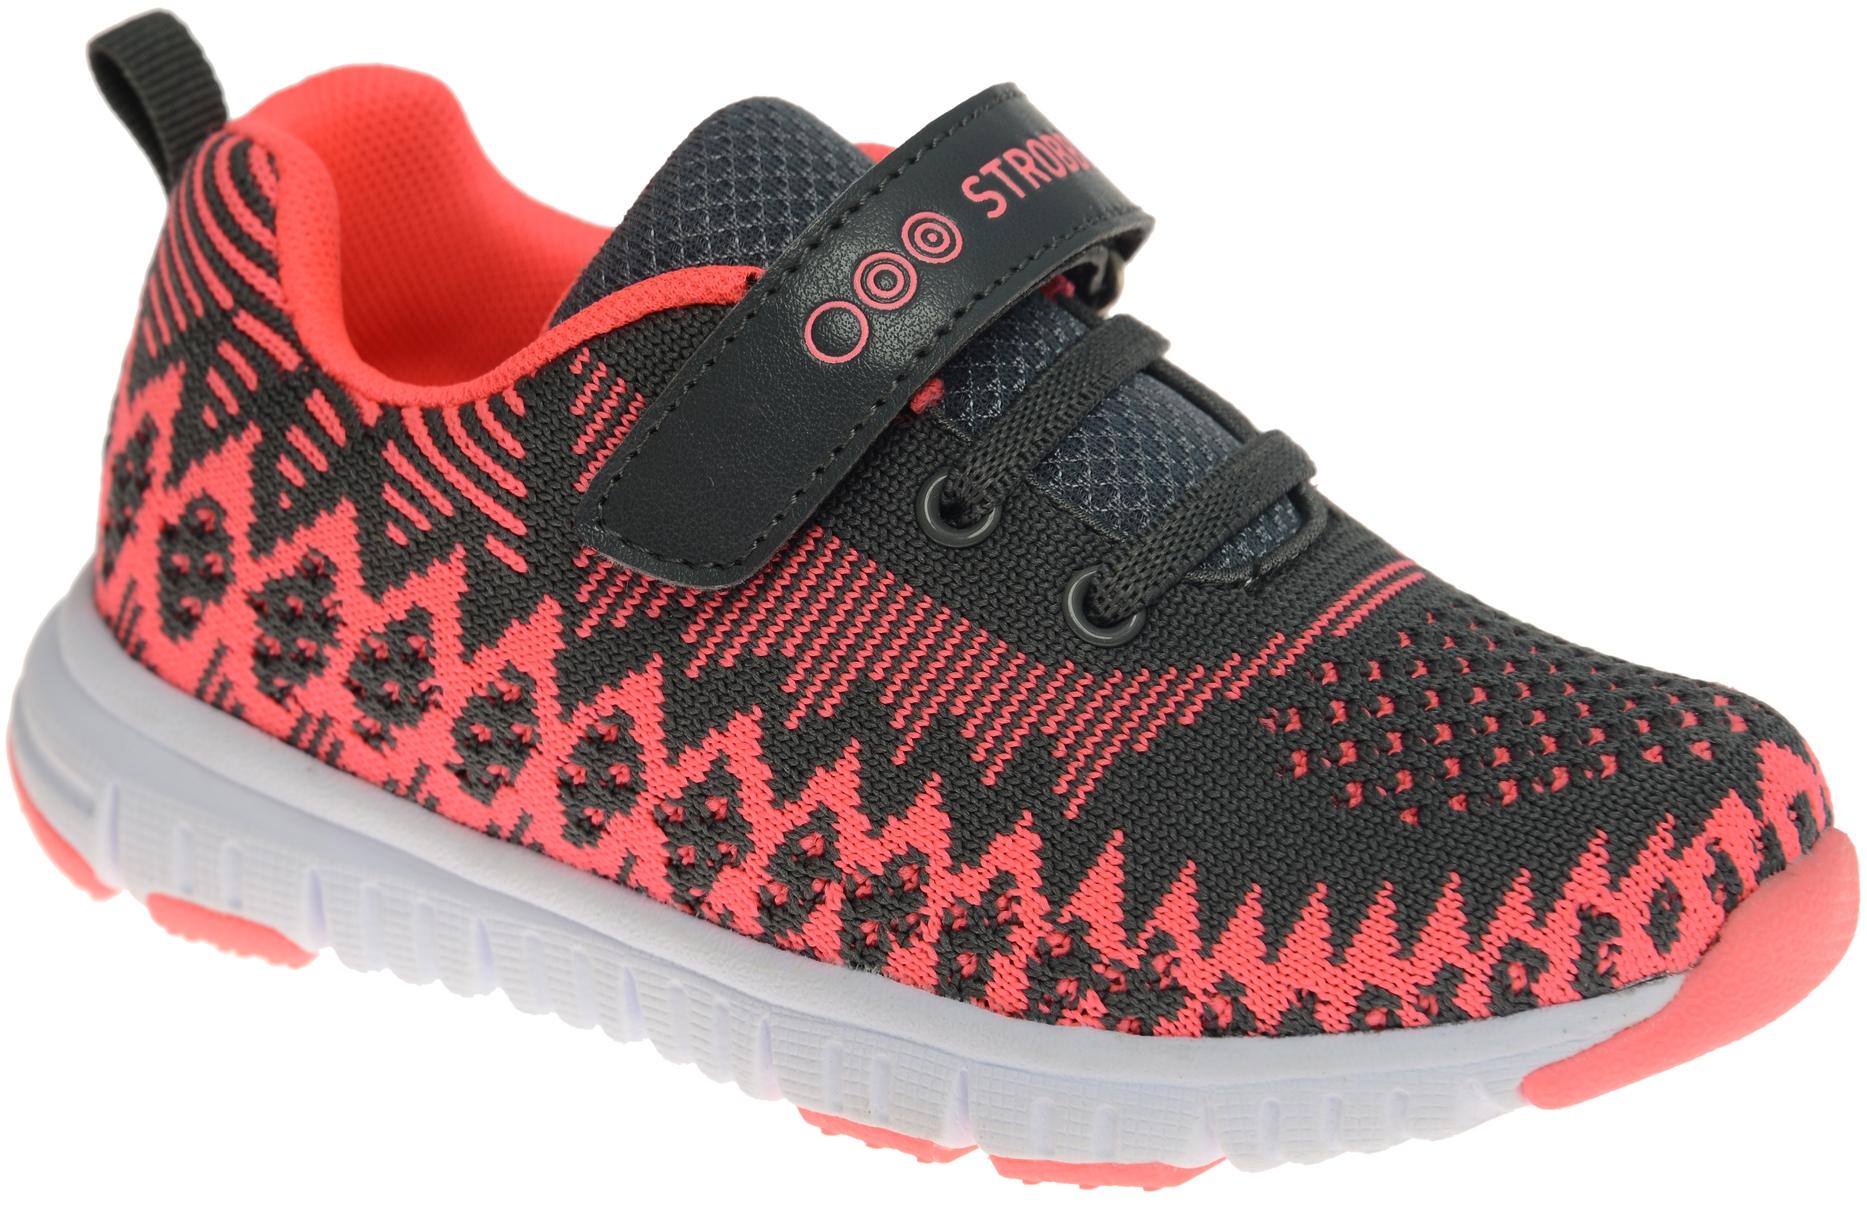 КроссовкиS1422-11Стильные кроссовки Strobbs отлично подойдут для активного отдыха и повседневной носки. Верх модели выполнен из вязаного текстиля. Удобная шнуровка и хлястик на липучке надежно зафиксируют модель на стопе. Особая форма подошвы из термопластичной резины обеспечит удобство при ходьбе.